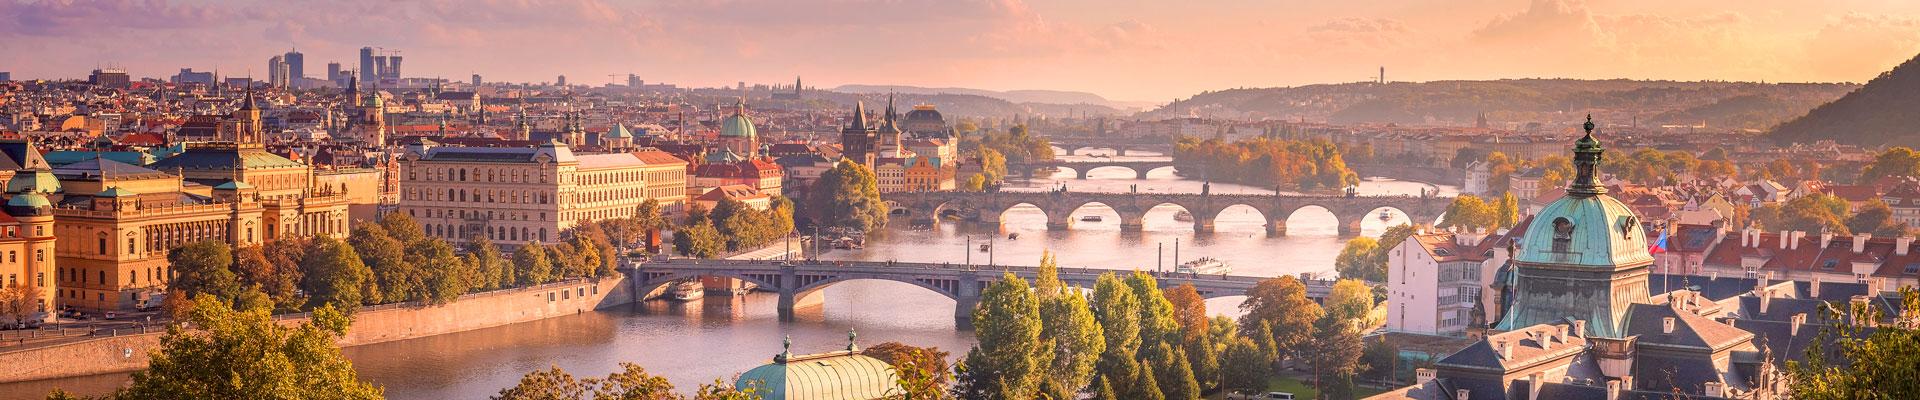 Bridges over a river in the Czech Republic